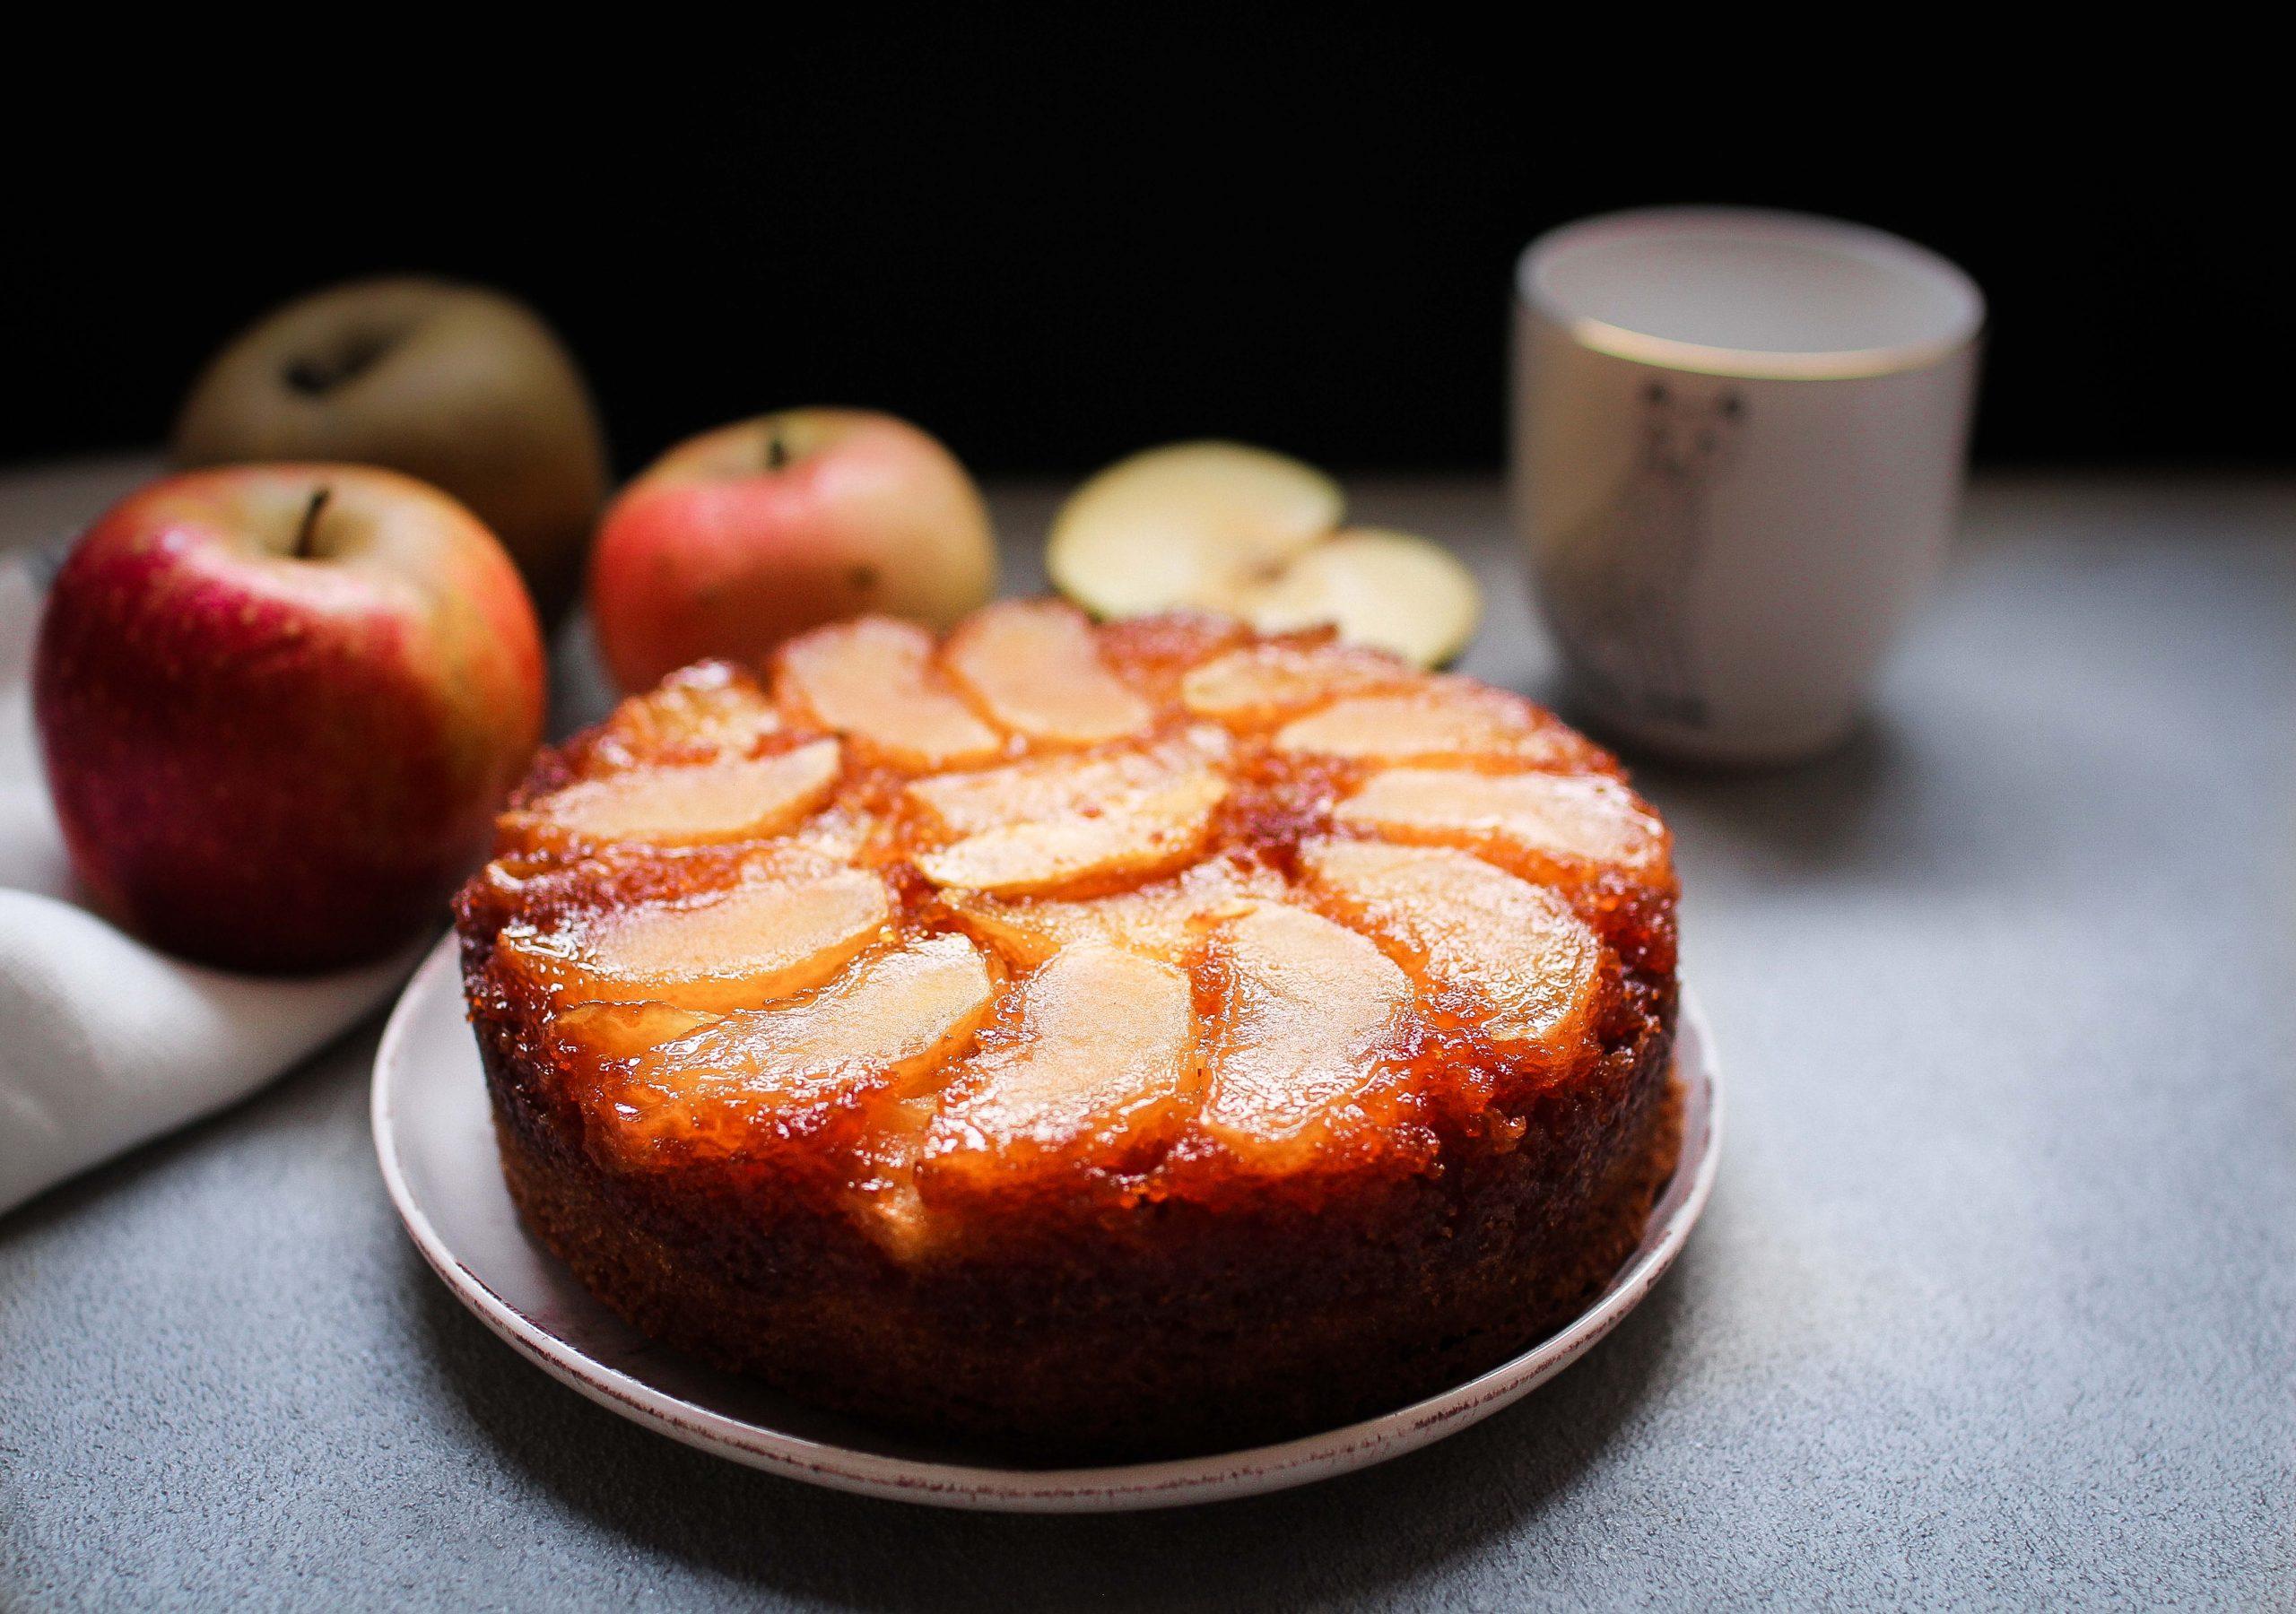 Quatre quart aux pommes caramélisées